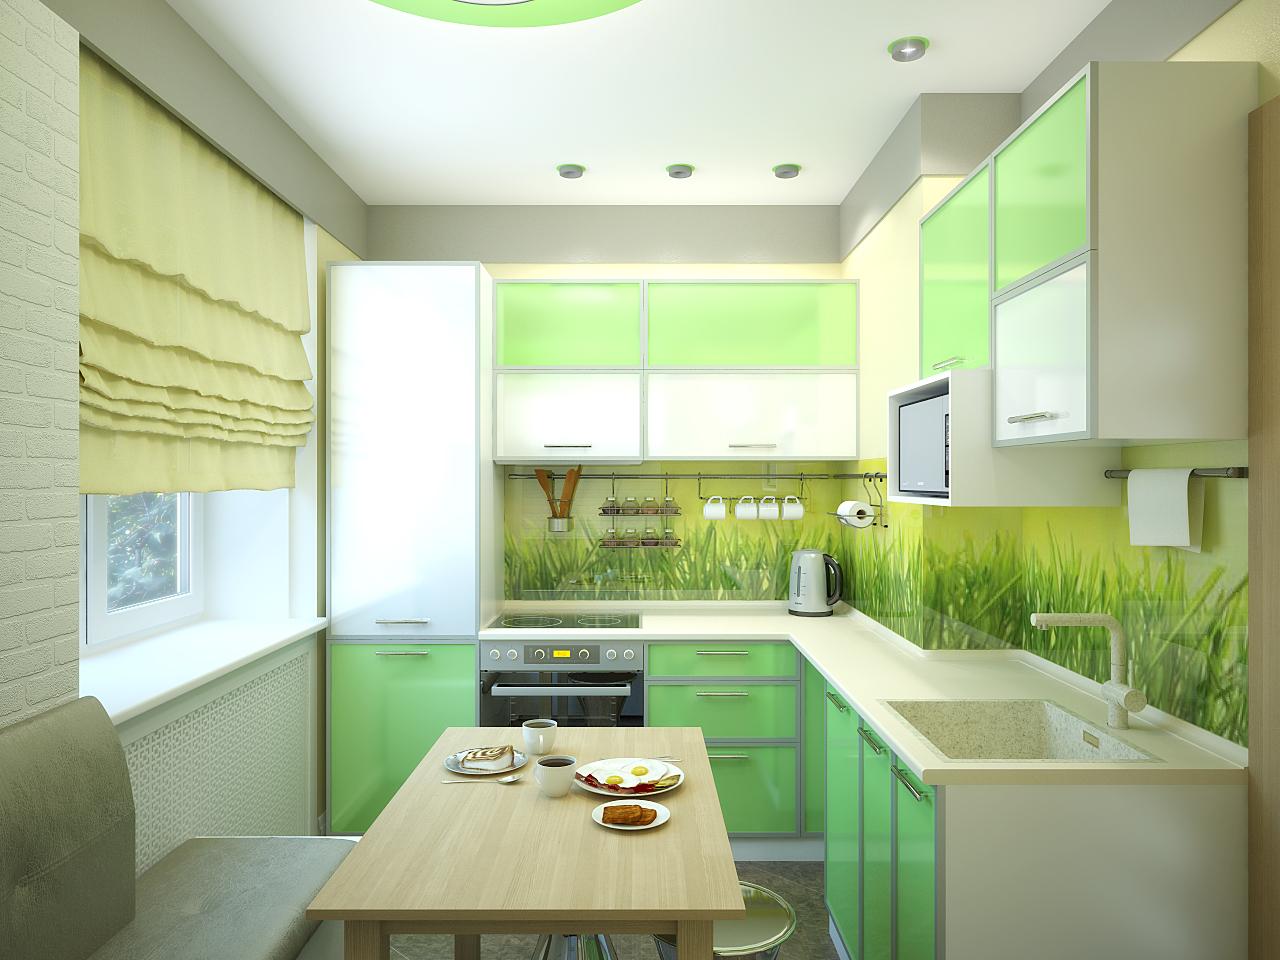 кухня05.jpg